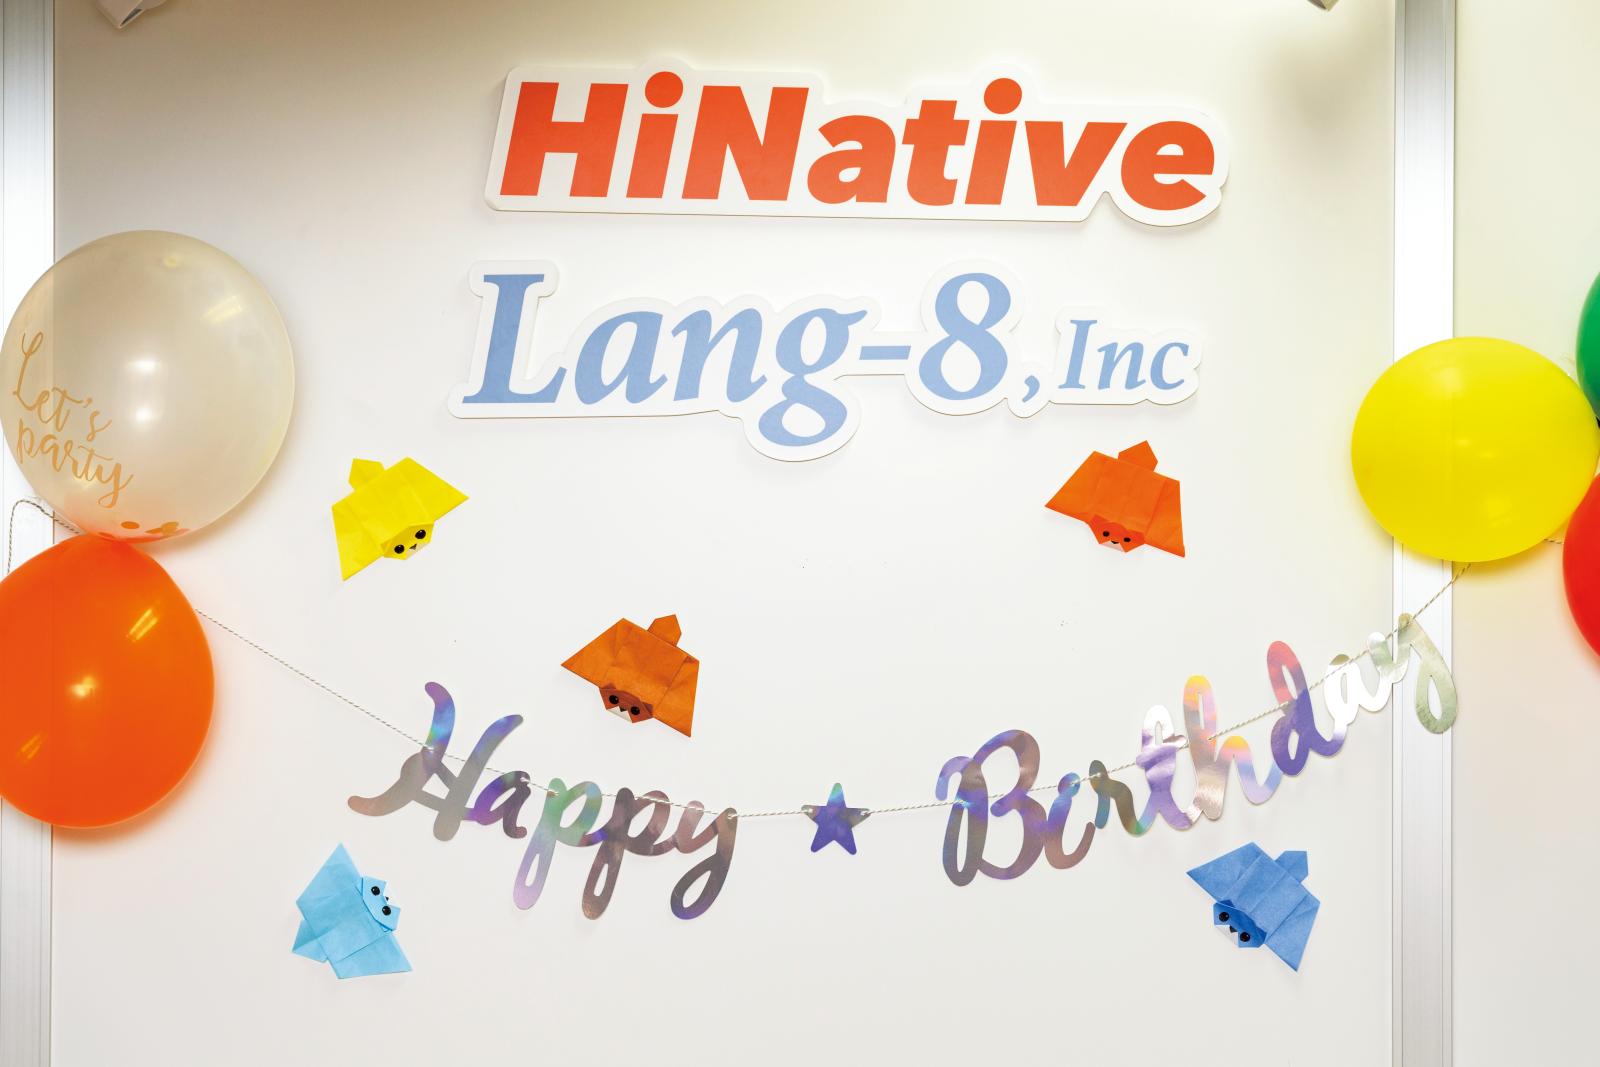 今年6月で設立から12年。オフィス入り口にそのお祝いの装飾があった。